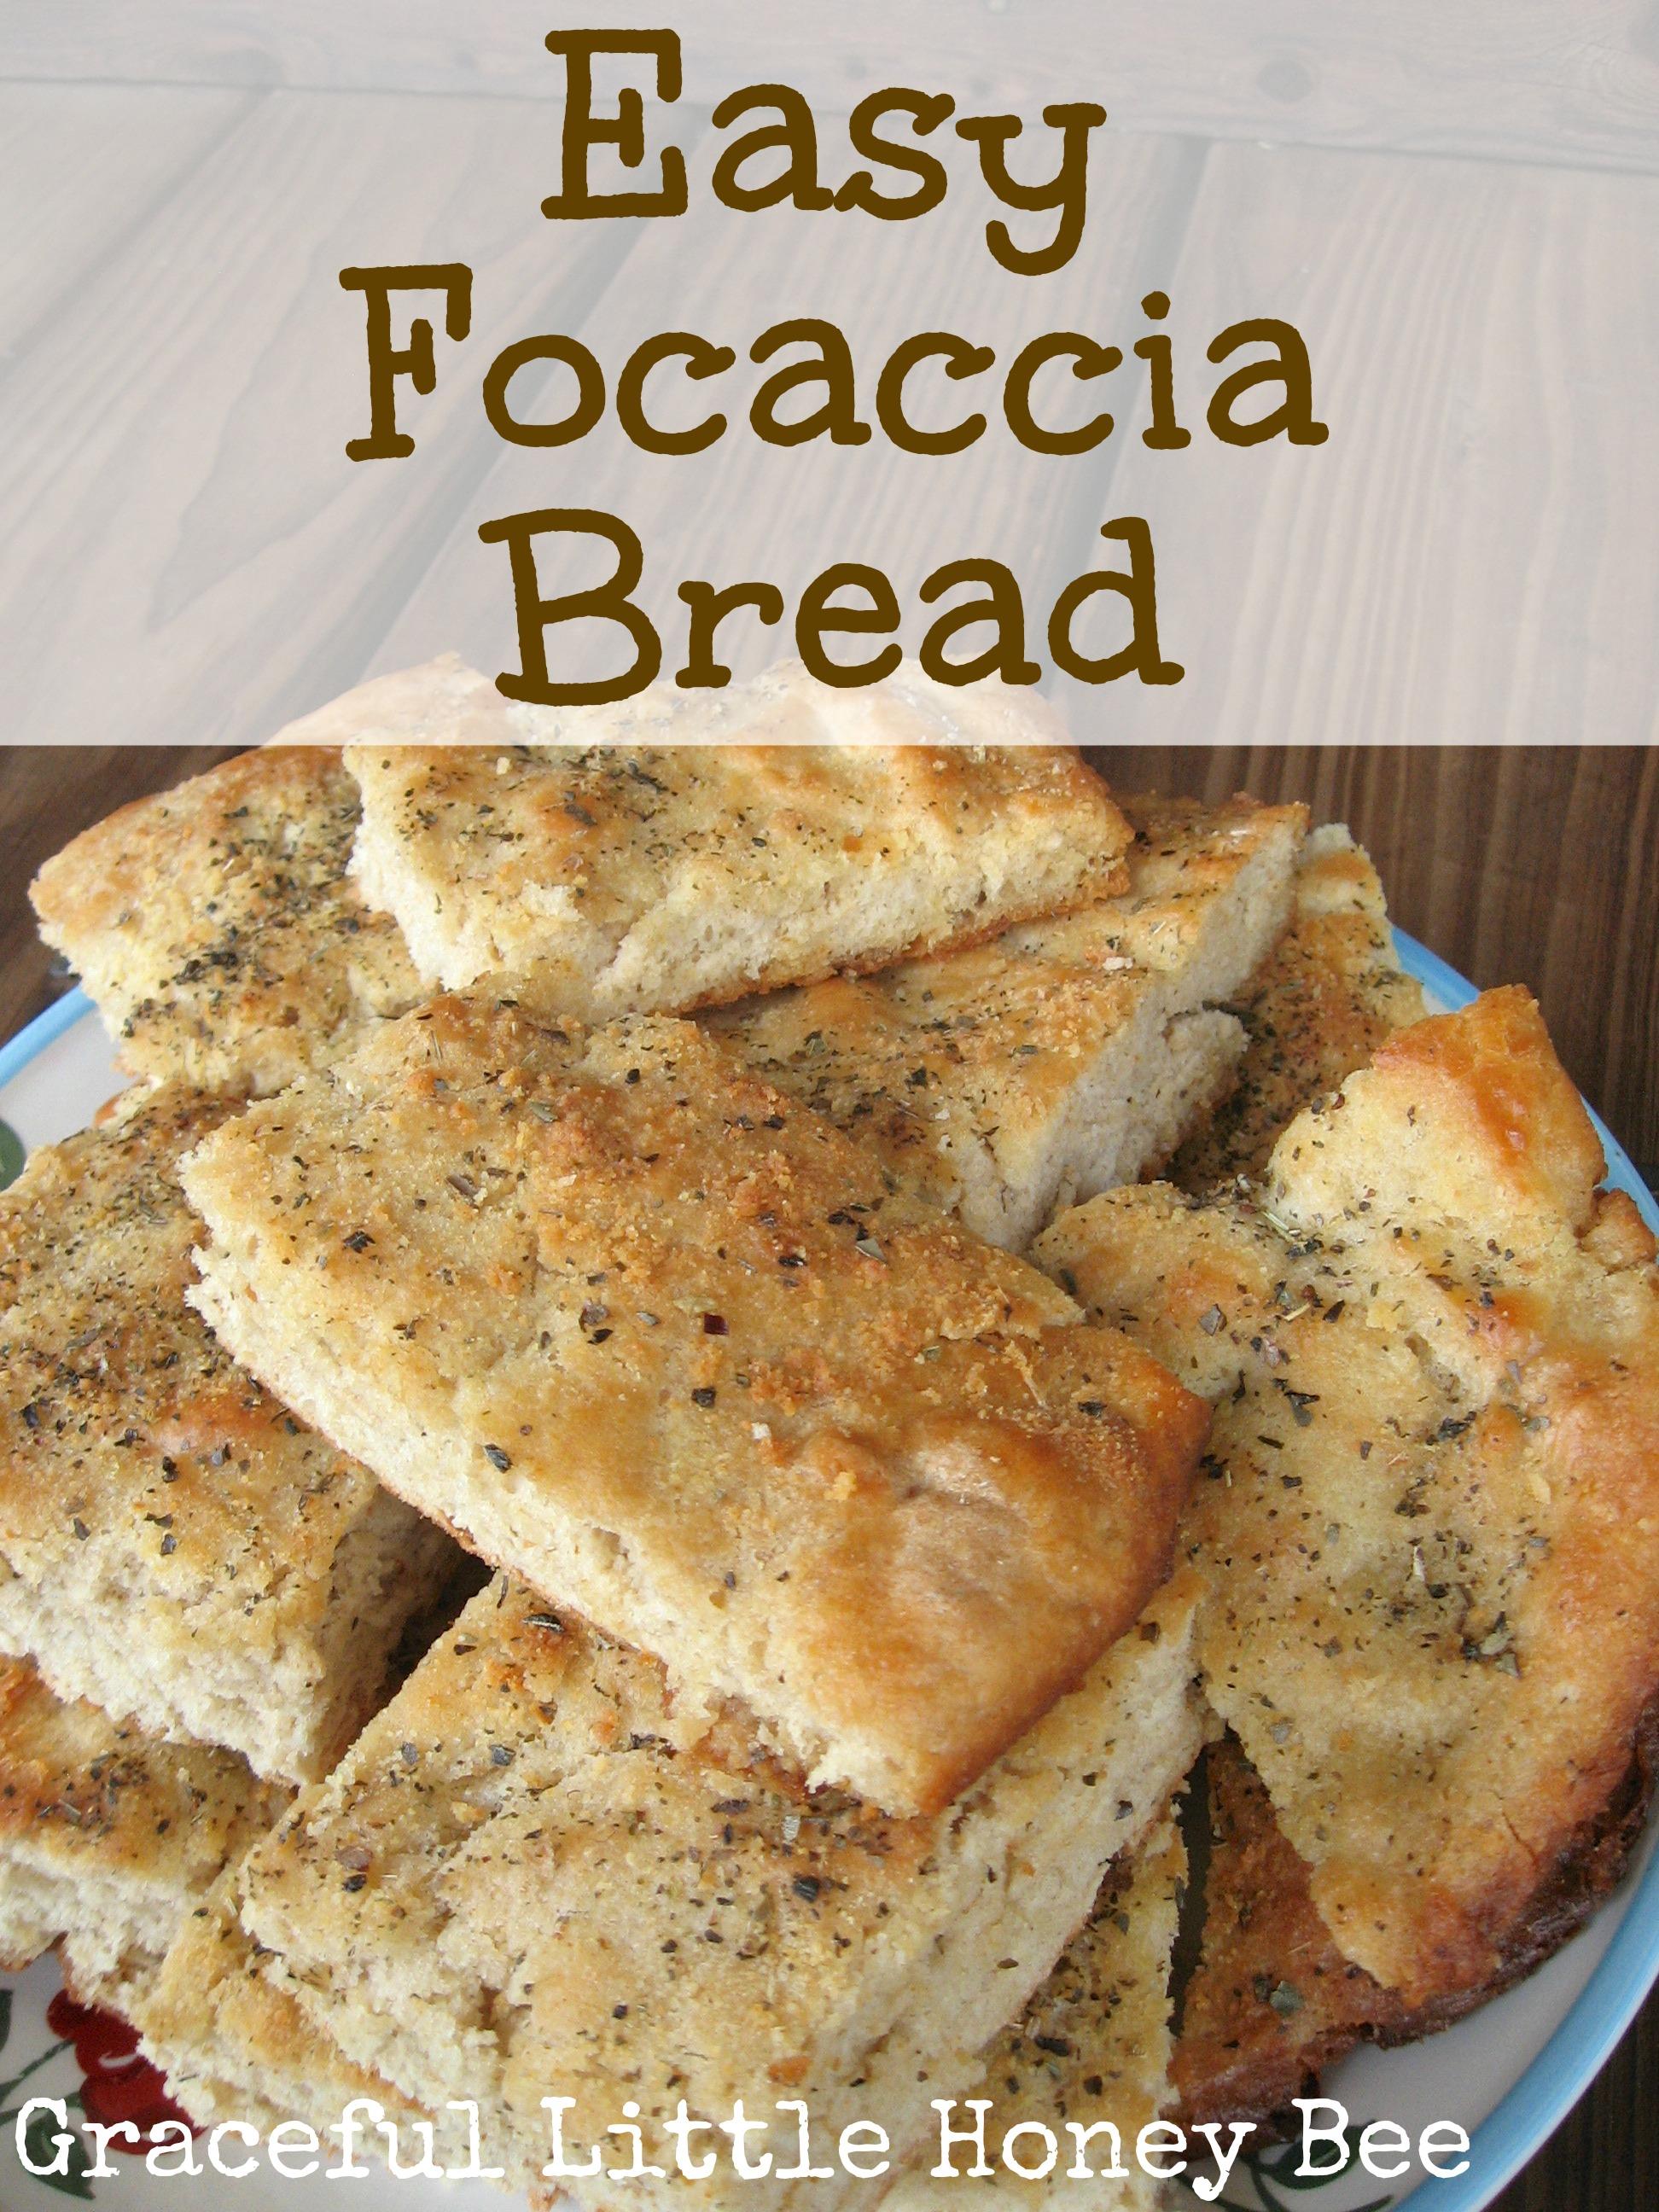 bread recipe quick and easy to make gluten free white bread for bread ...